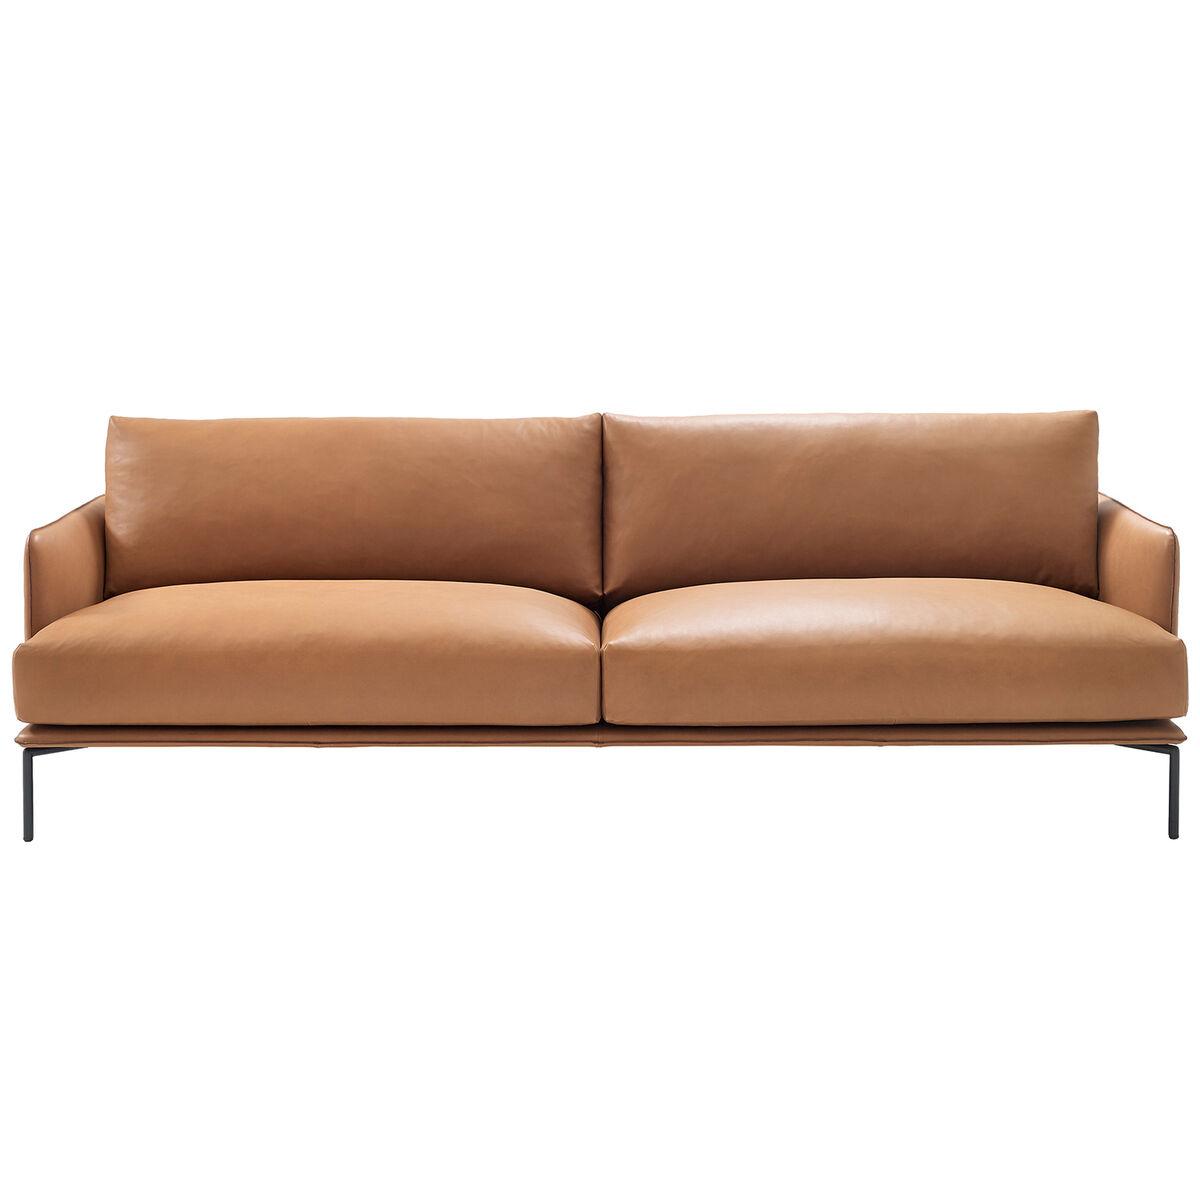 Adea Baron sohva, aniliininahka